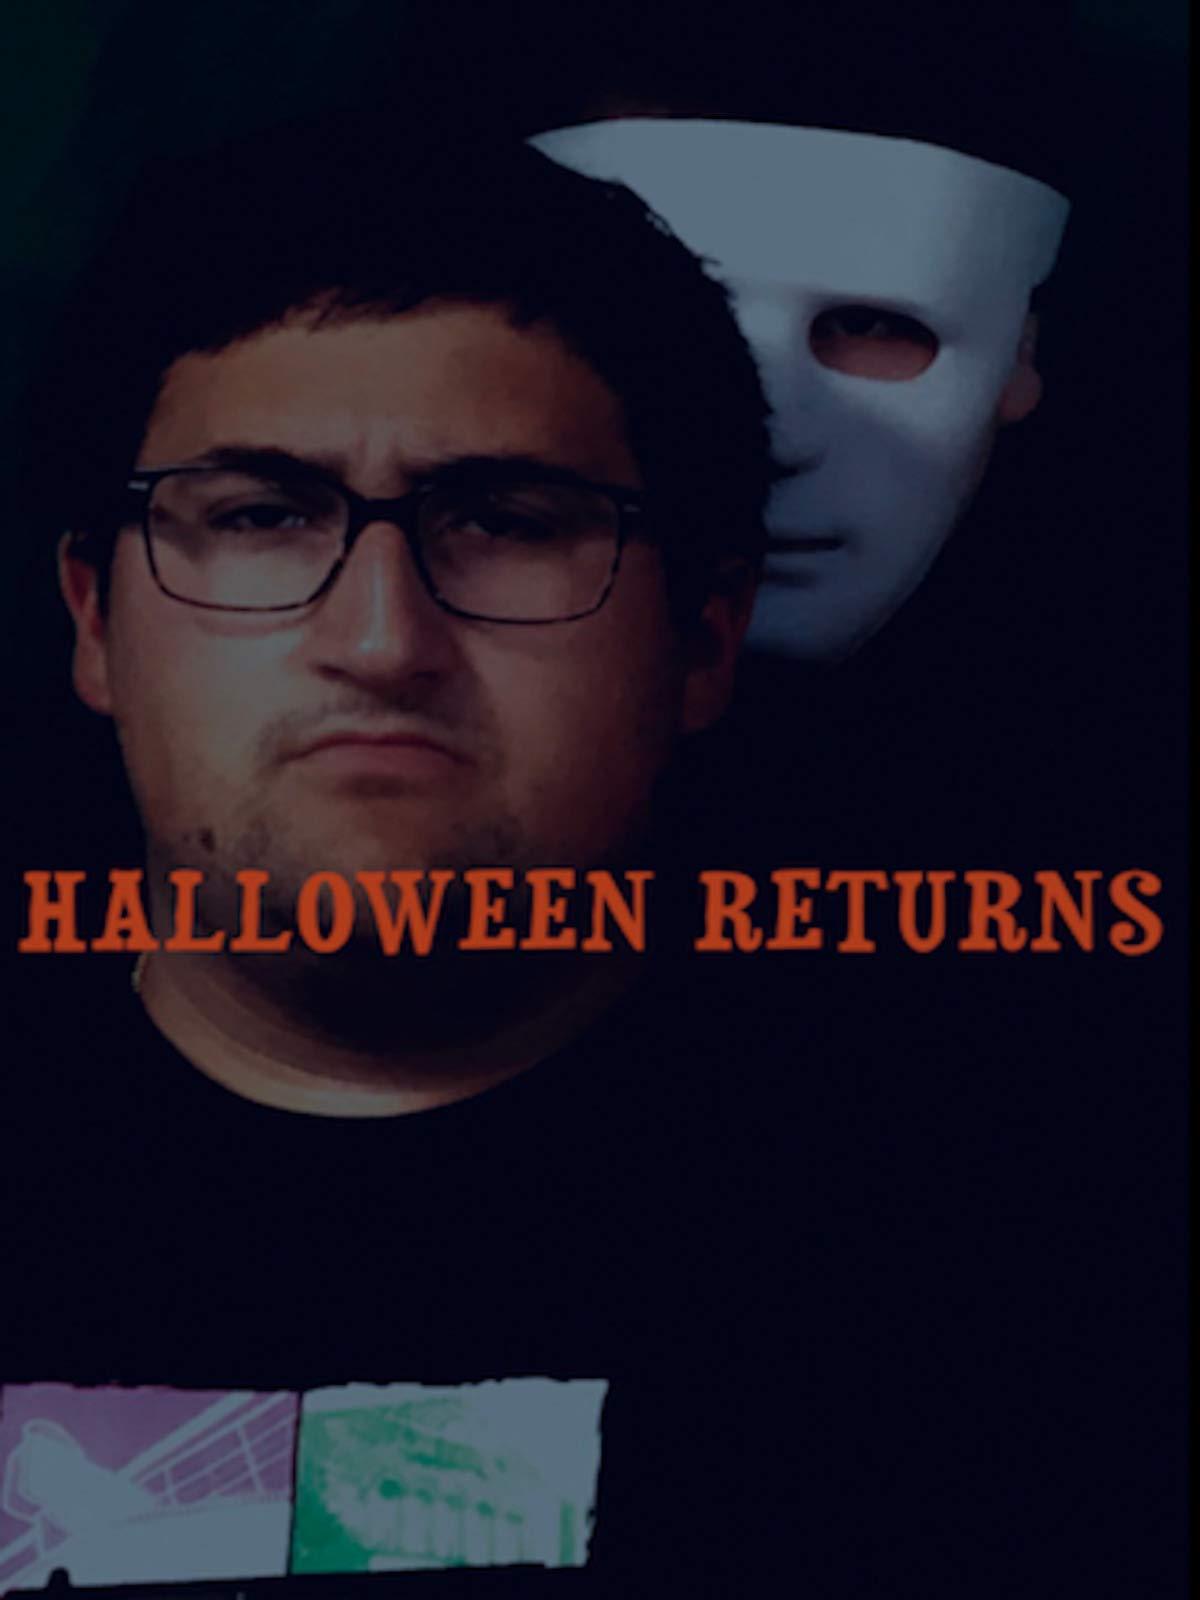 Watch Halloween Returns Prime Video